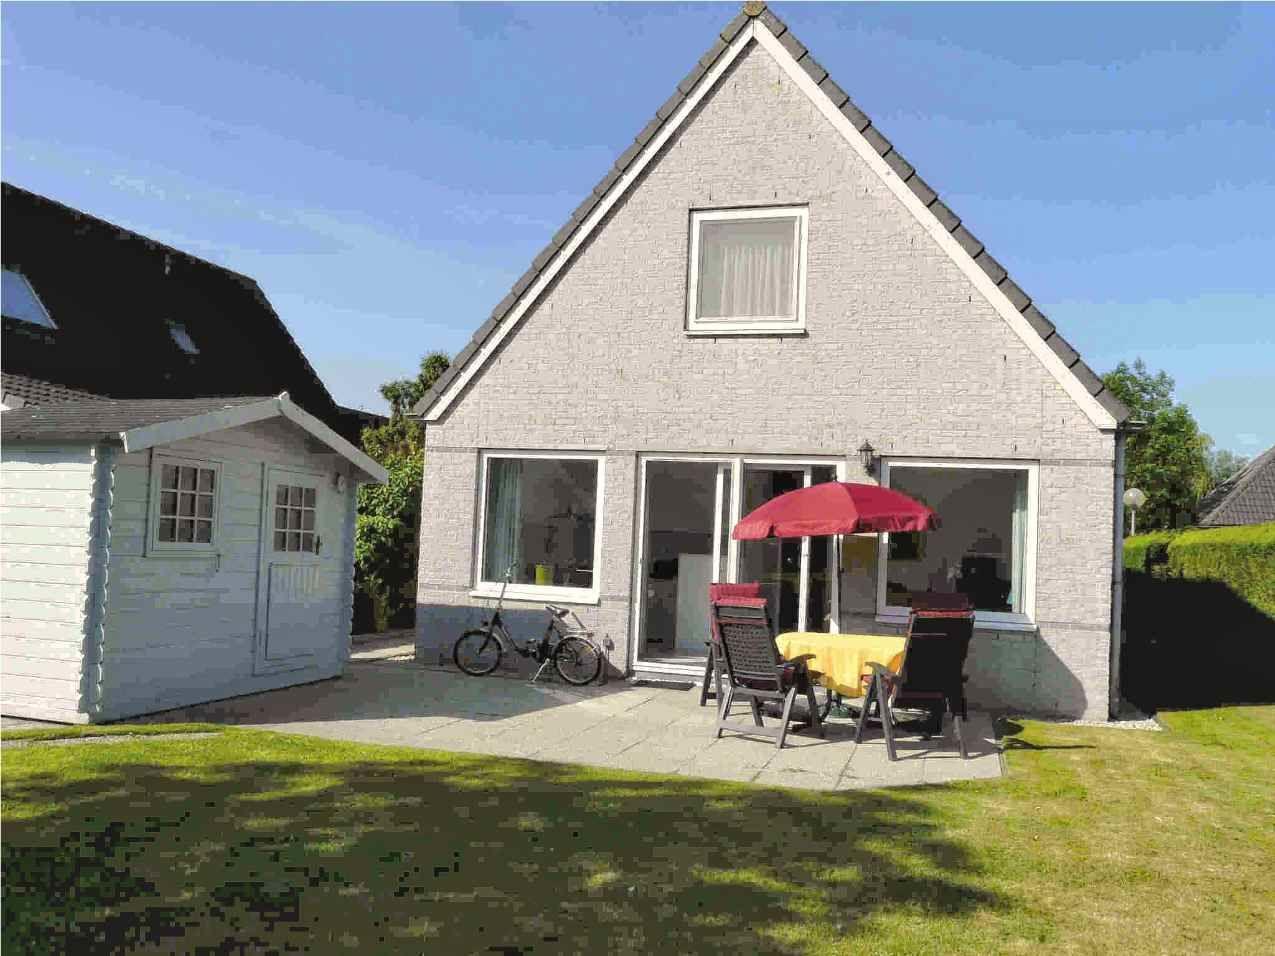 ferienhaus beate in wervershoof noord holland winkelhuesener. Black Bedroom Furniture Sets. Home Design Ideas